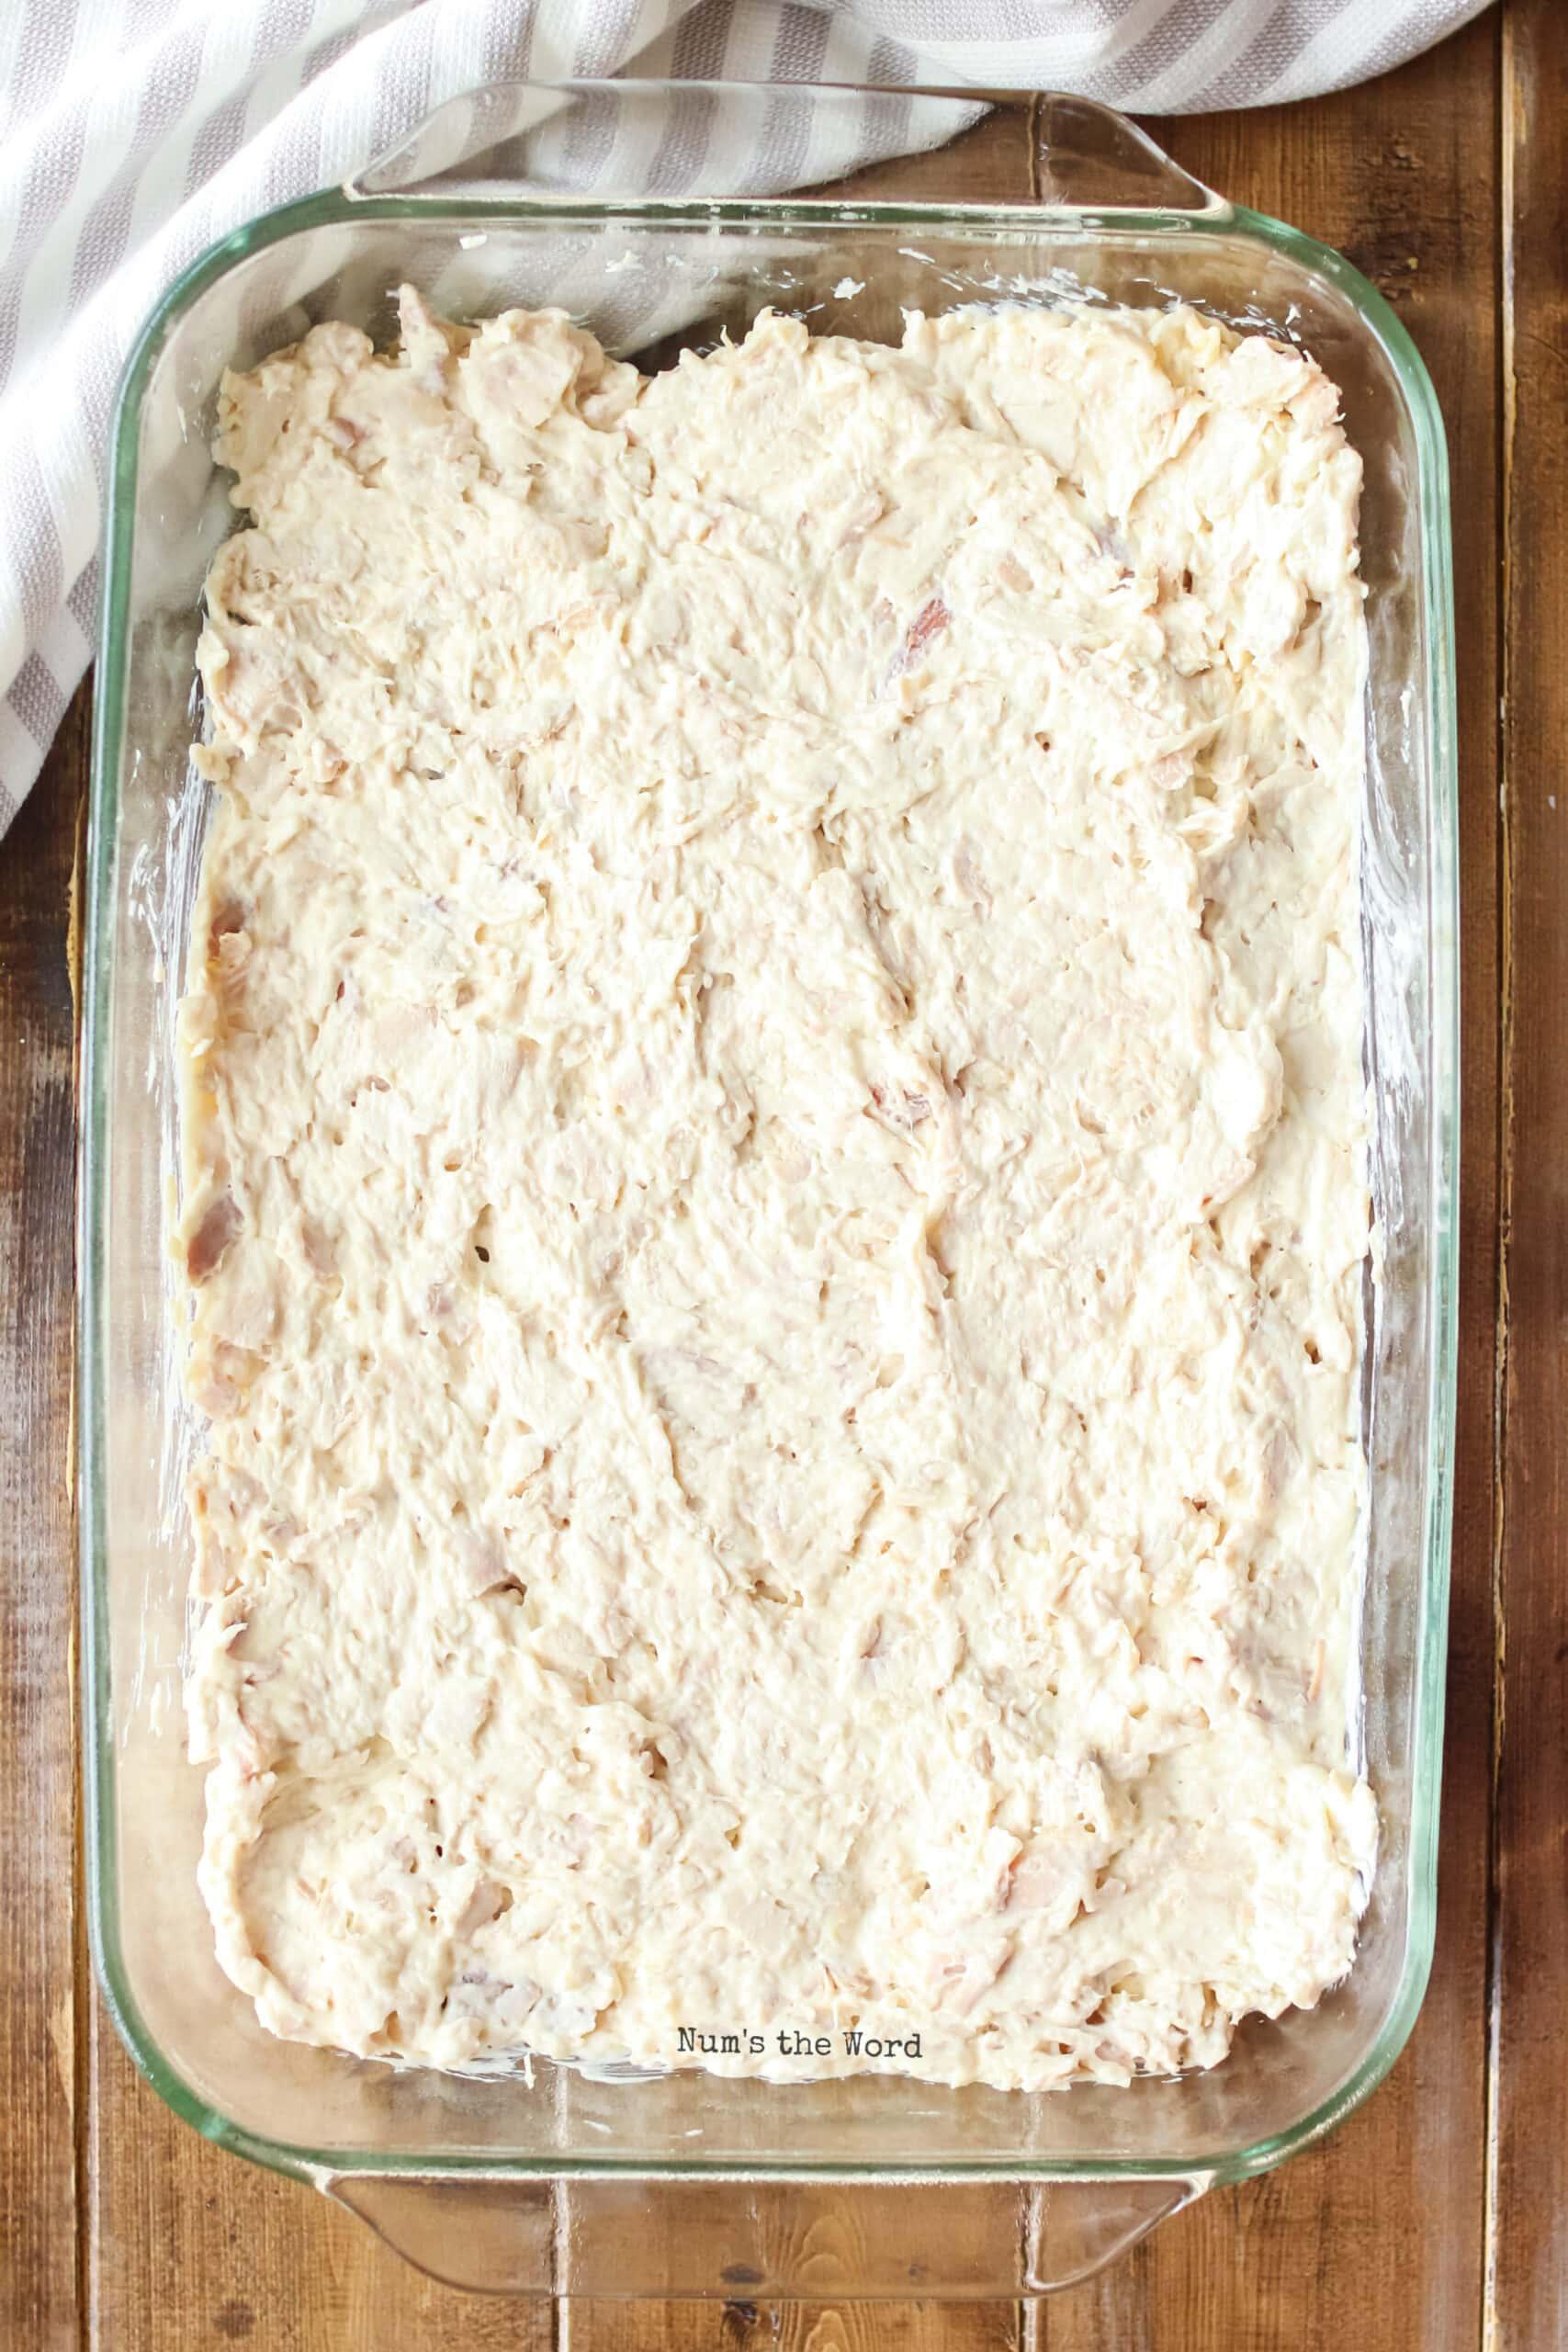 Turkey Casserole - turkey mixture in casserole dish